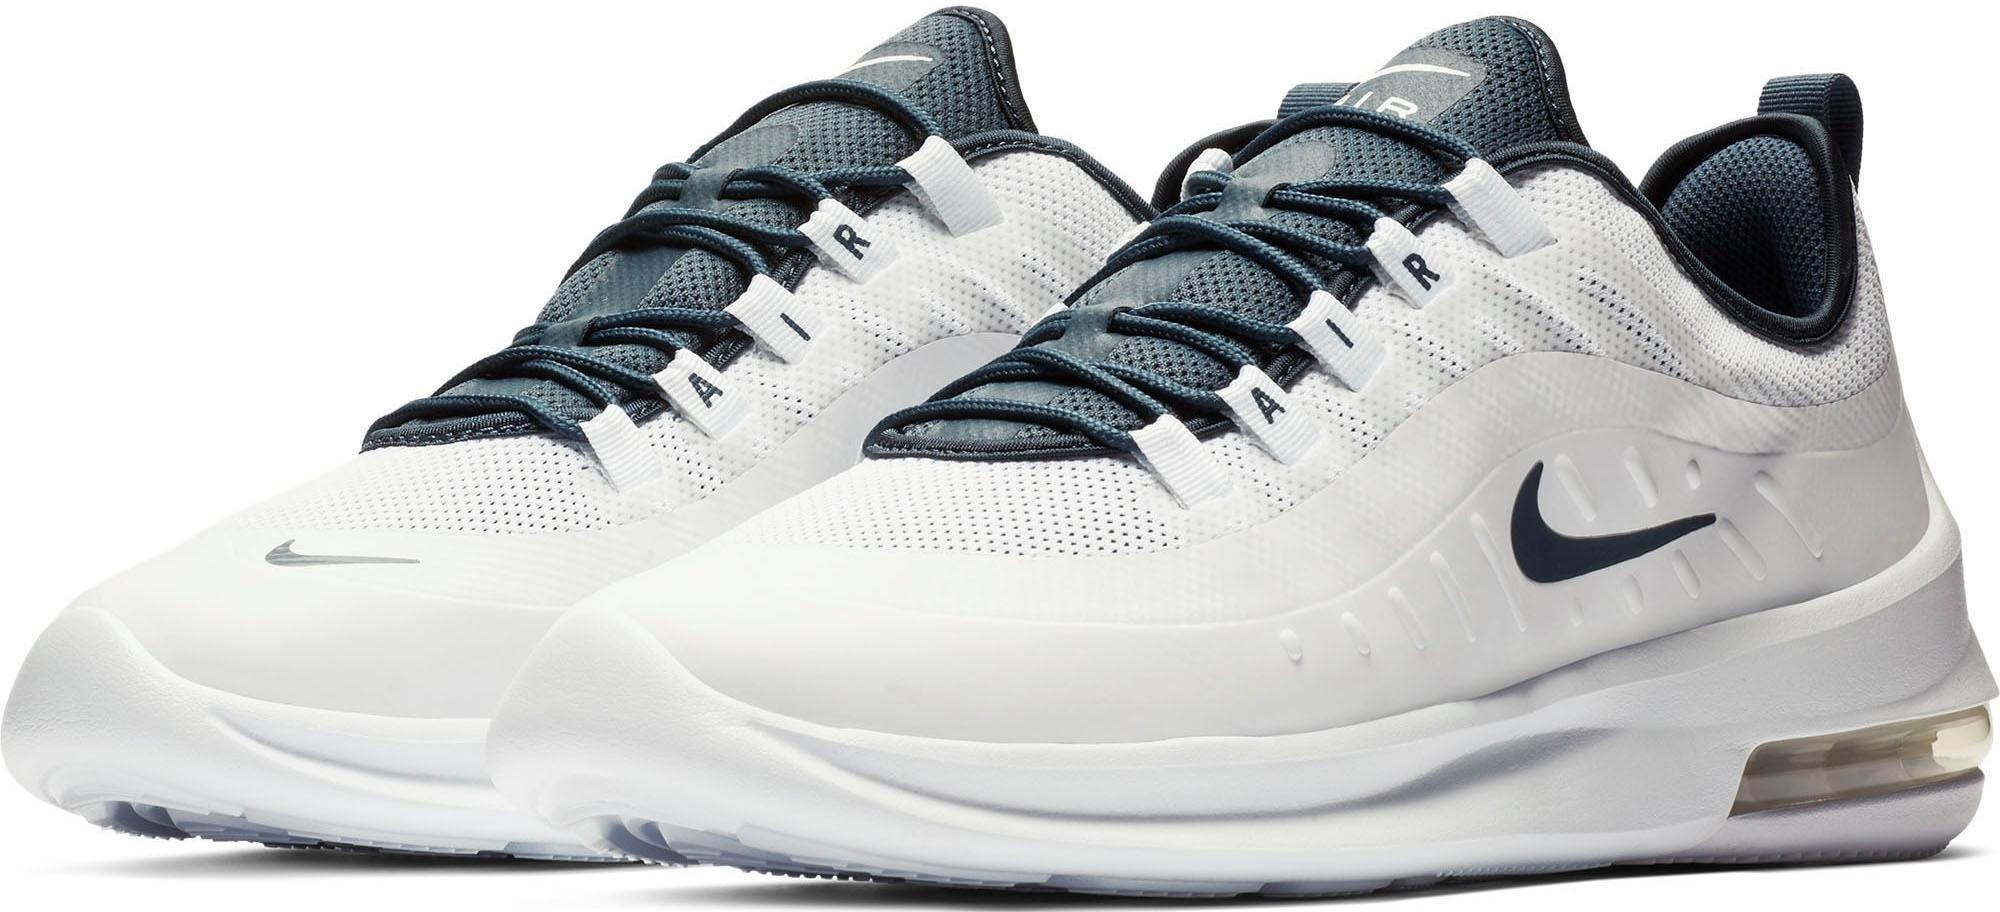 Sneakersair Nike In Online Shop Max Axis Sportswear De 0PknwO